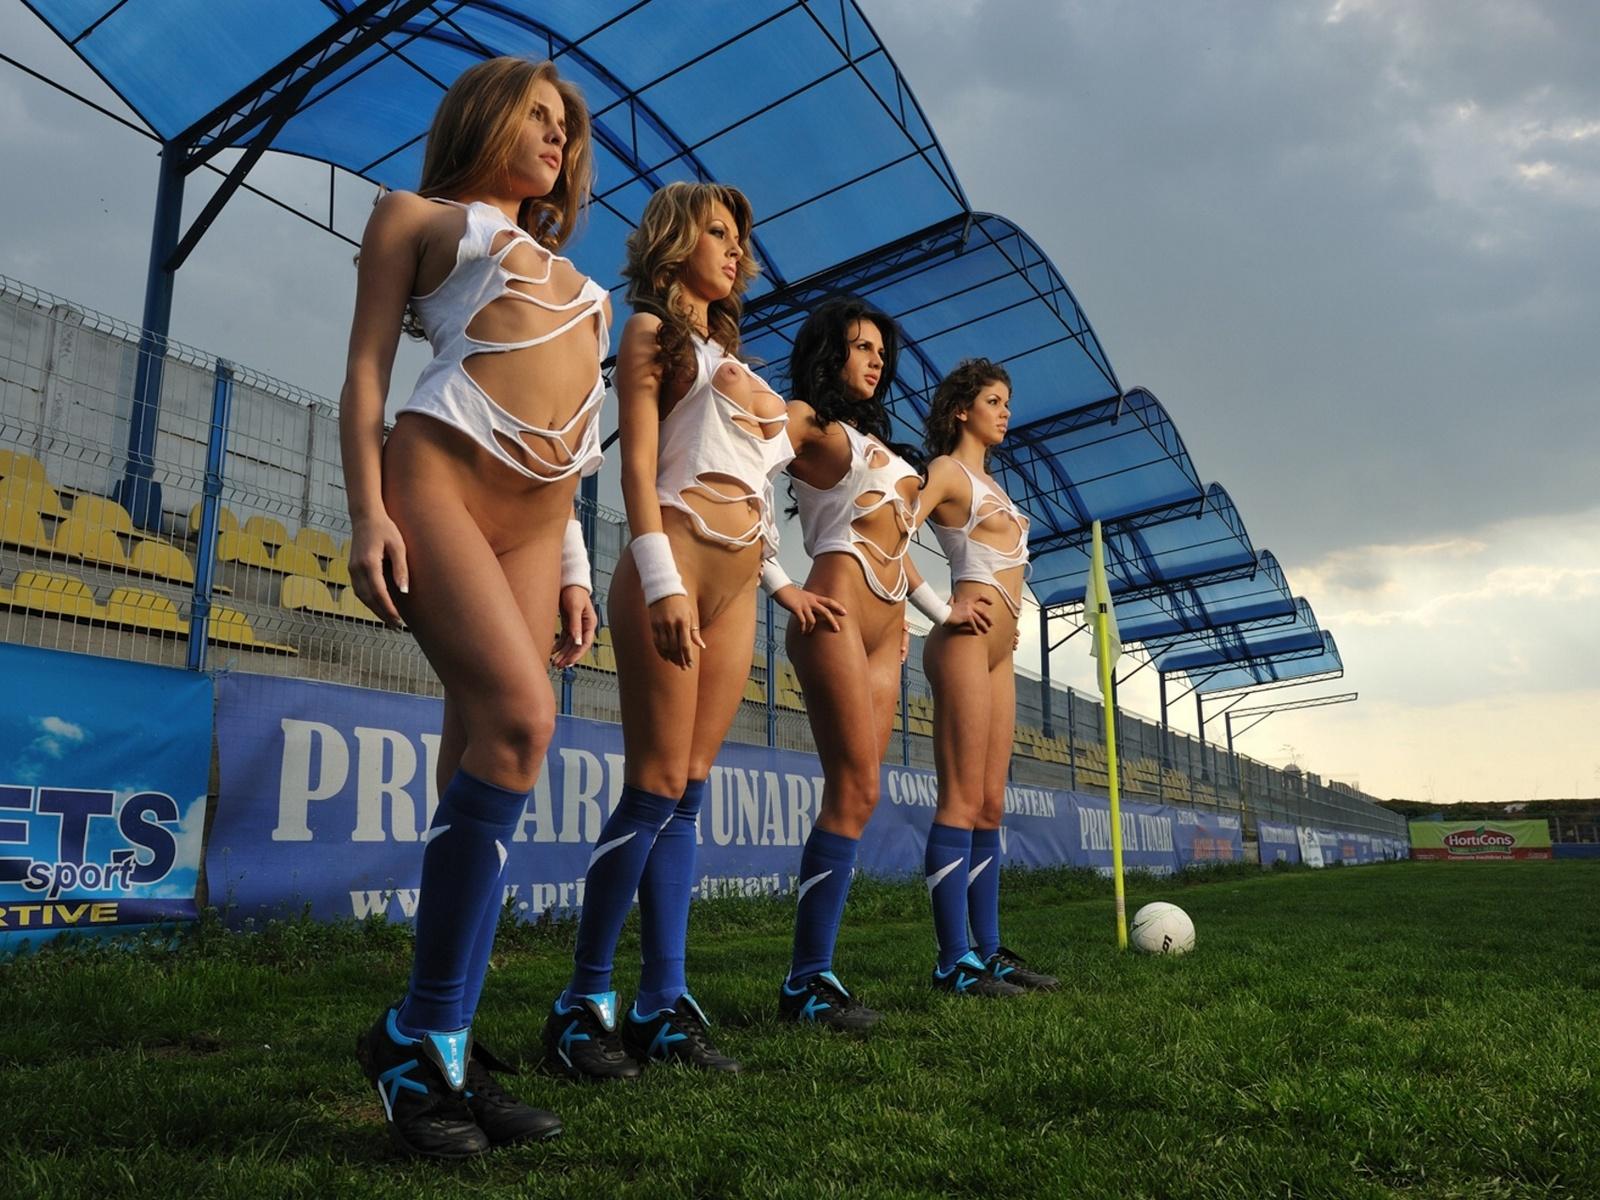 Еро Фото Футбол